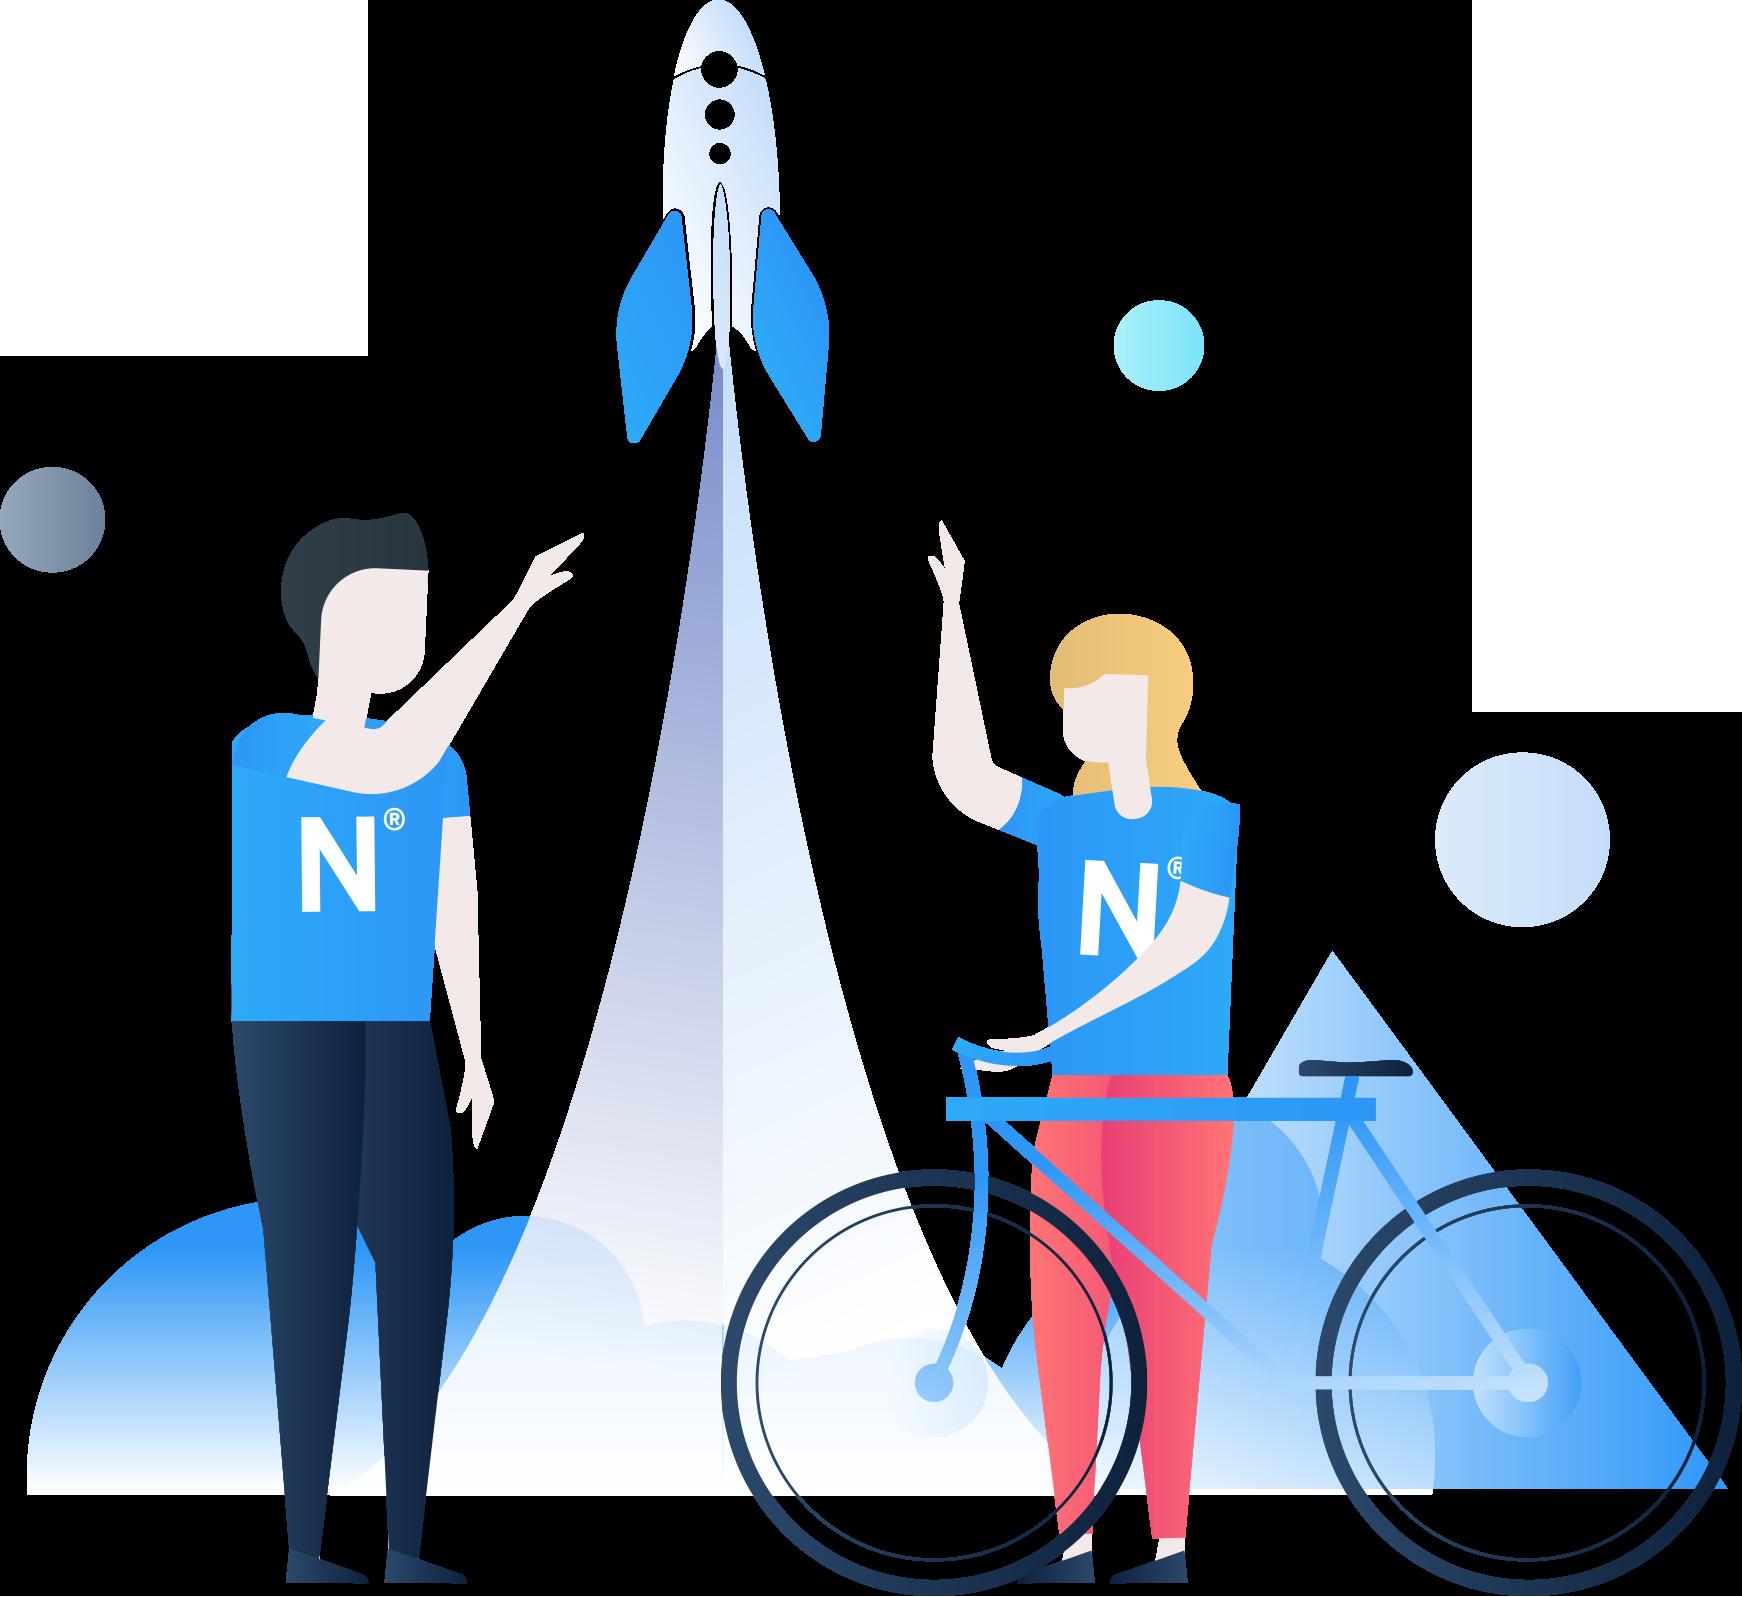 nmbrs-narratives-rocket